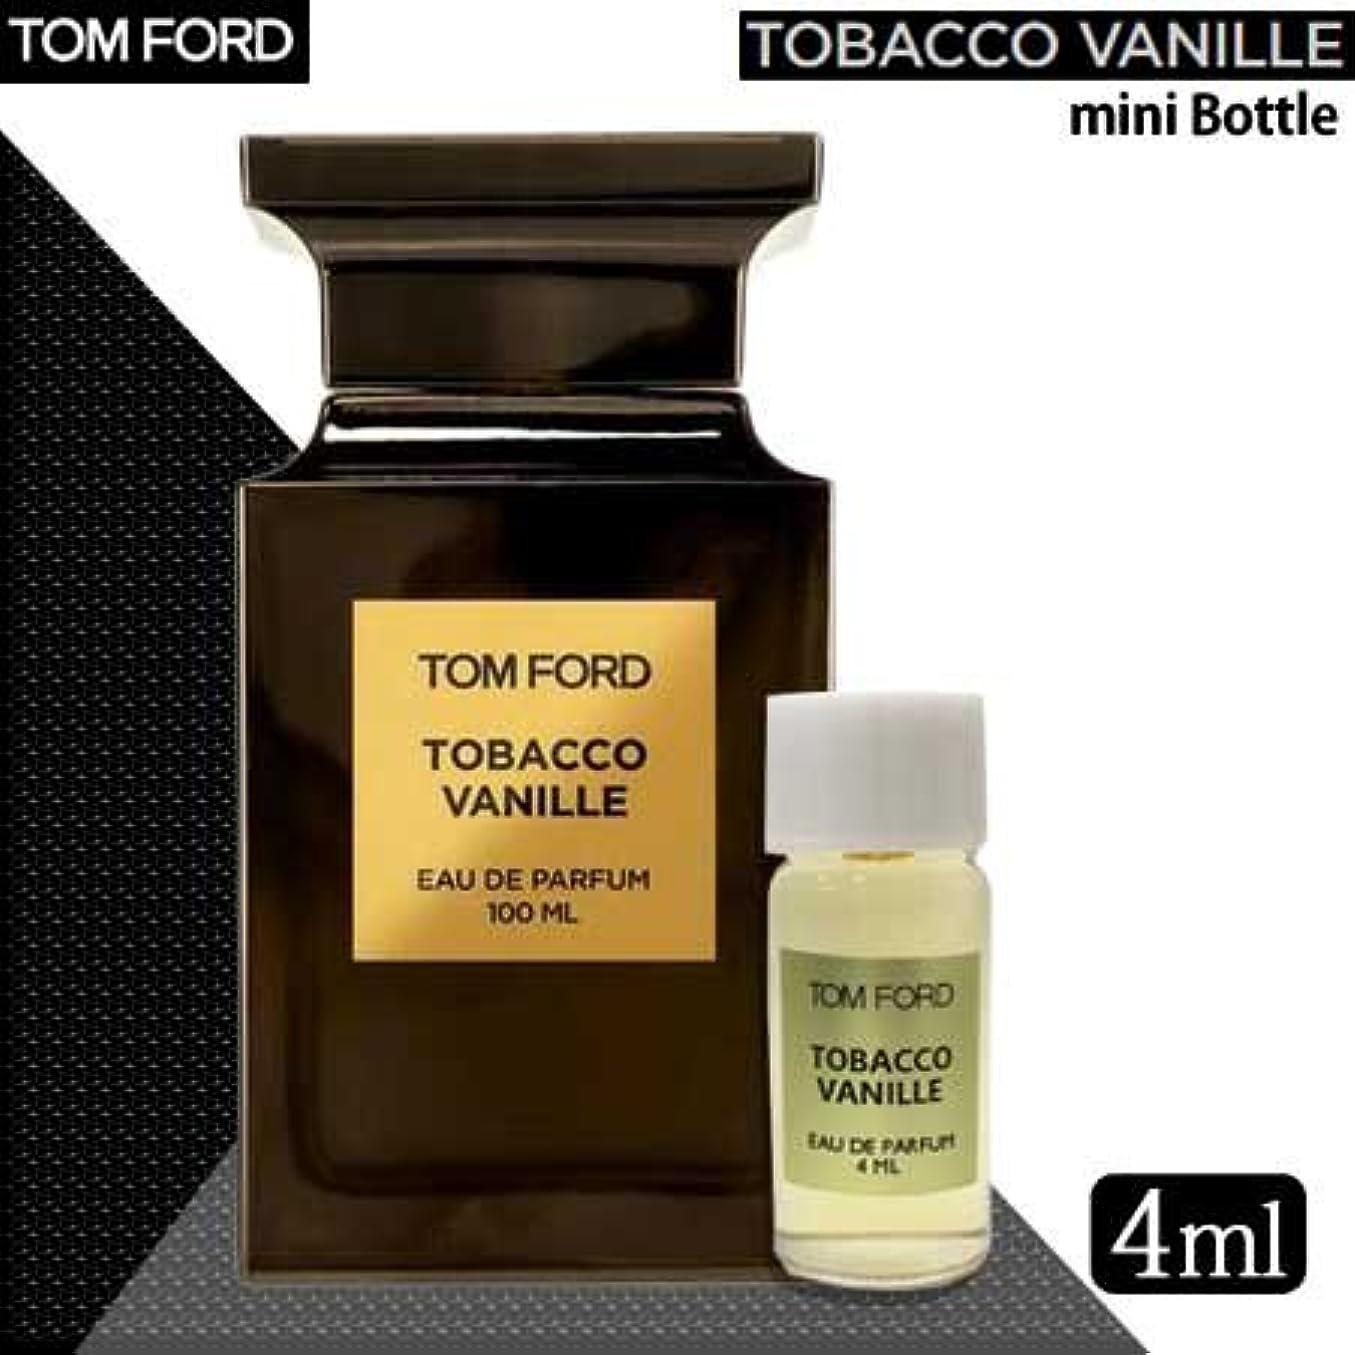 シガレットロールシンプルさトムフォード TOM FORD タバコ バニラ オードパルファム EDP 4ml 【並行輸入品】